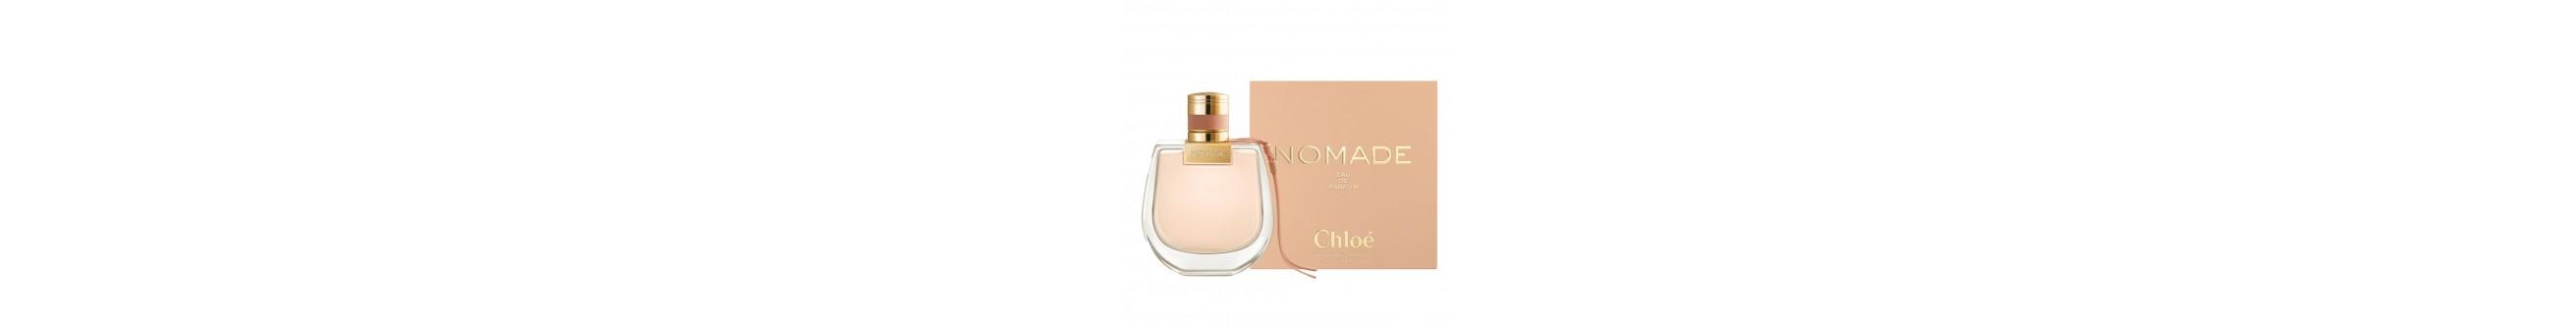 Nomade - Chloe (άρωμα τύπου)